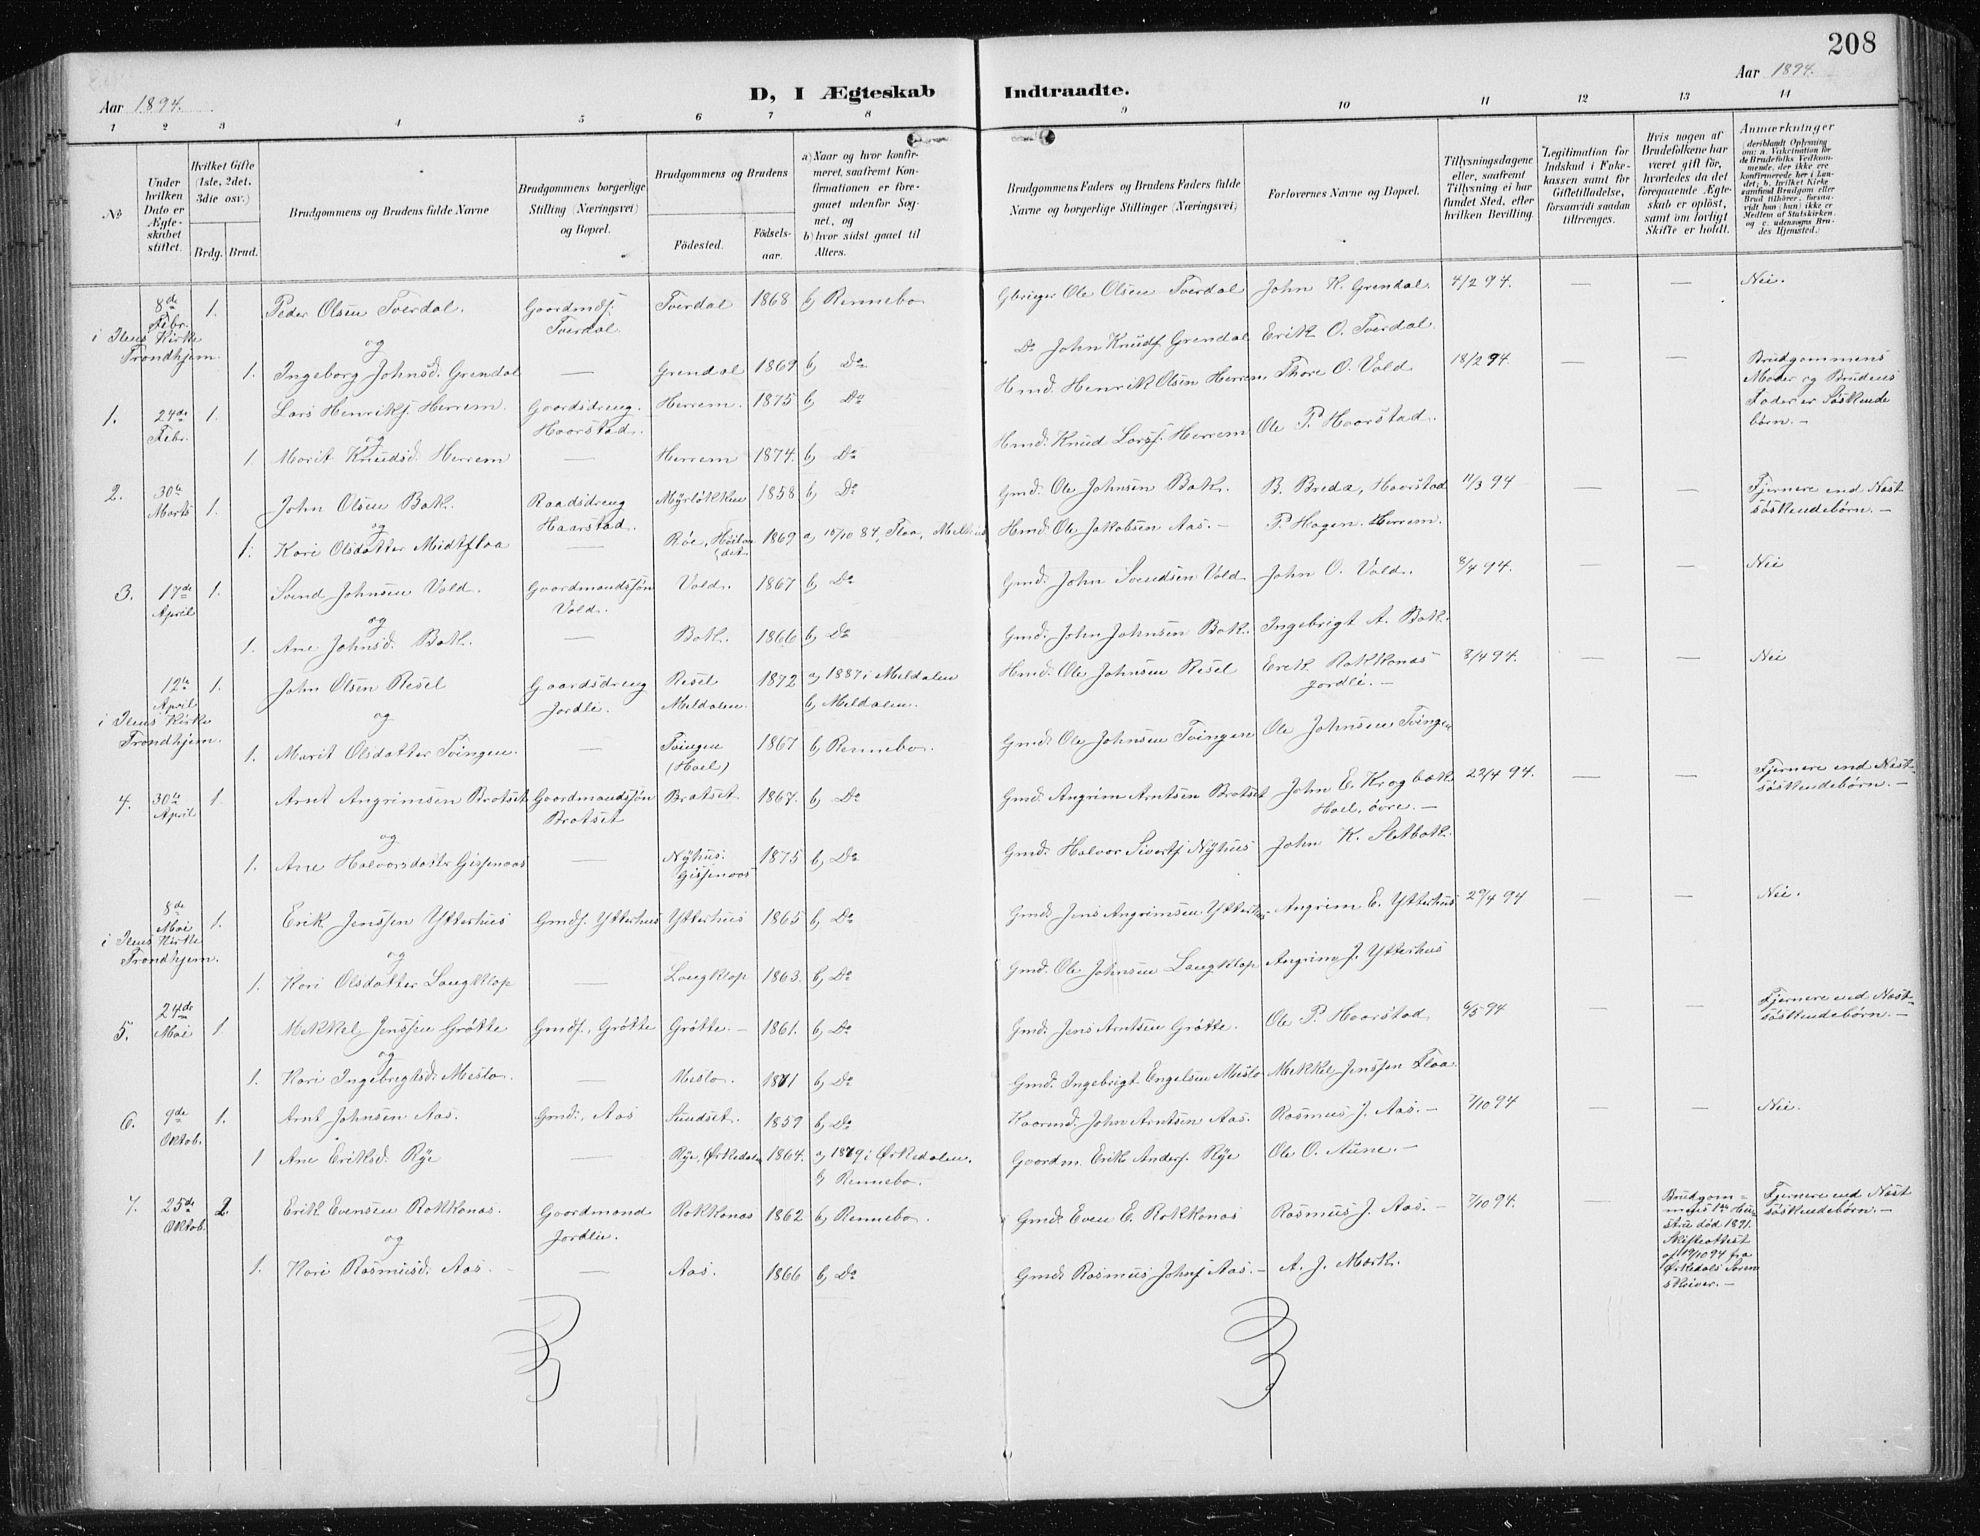 SAT, Ministerialprotokoller, klokkerbøker og fødselsregistre - Sør-Trøndelag, 674/L0876: Klokkerbok nr. 674C03, 1892-1912, s. 208